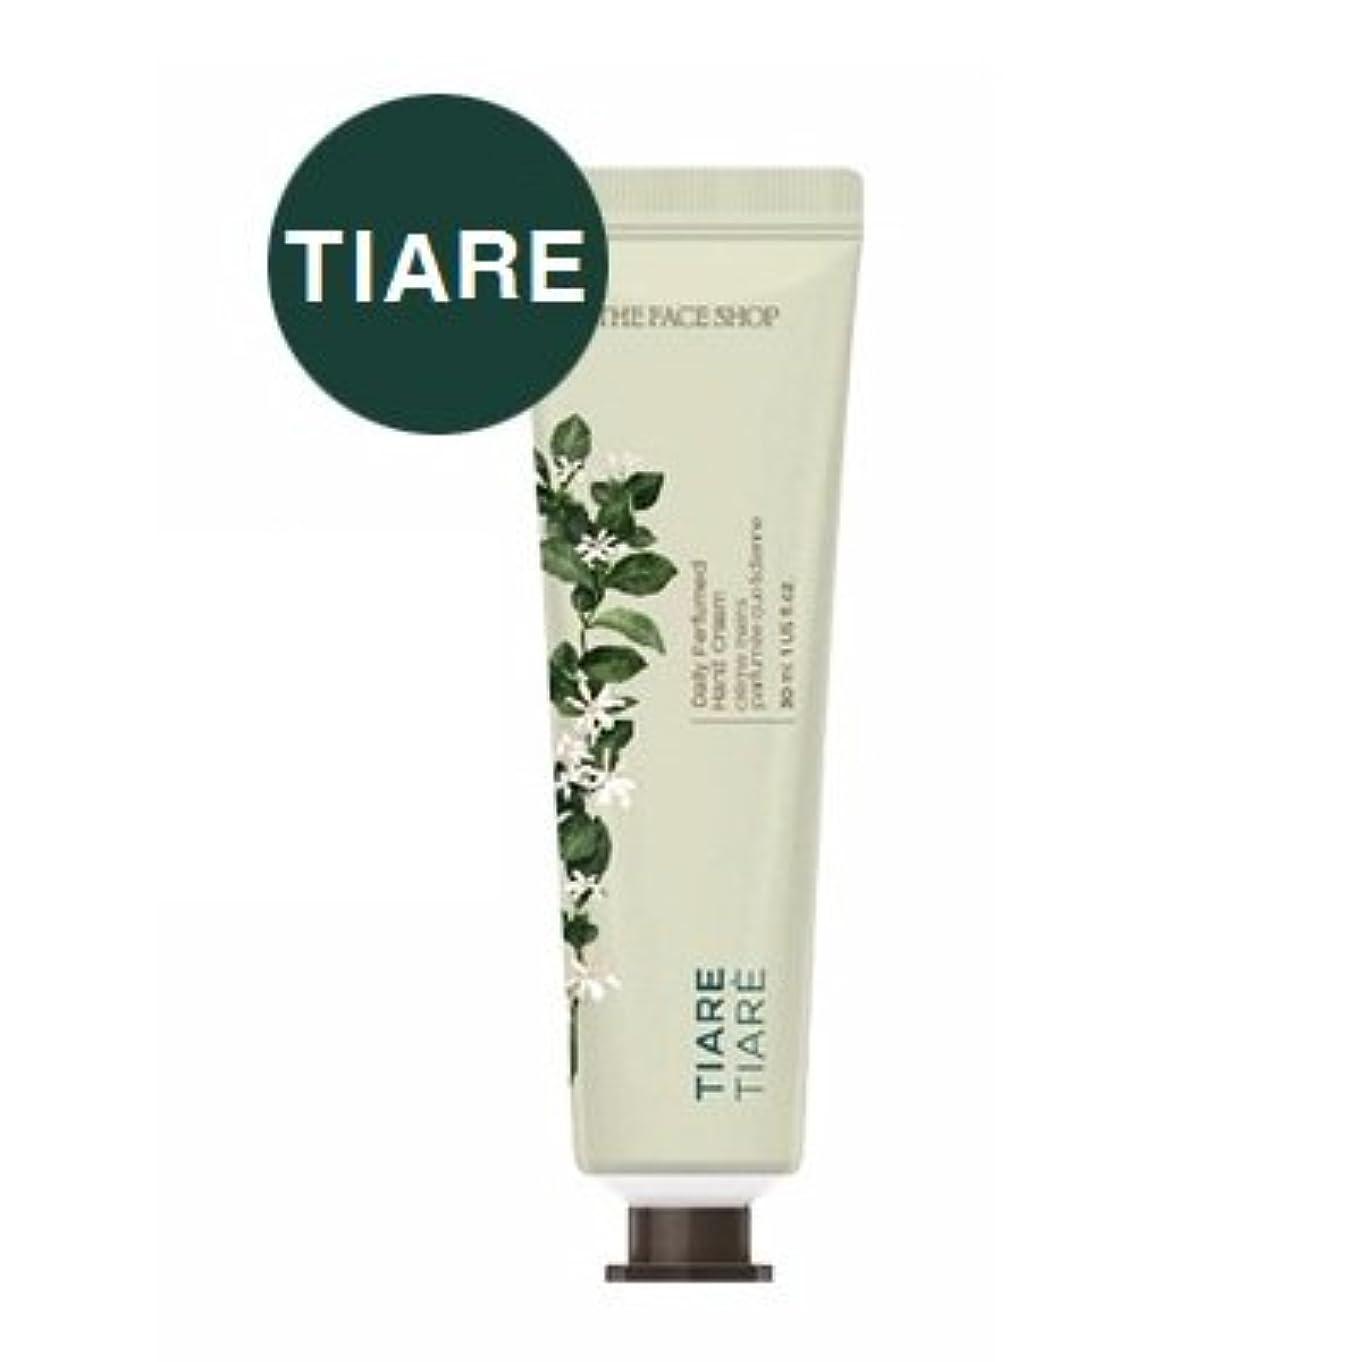 マルコポーロ程度ウルルTHE FACE SHOP Daily Perfume Hand Cream [02. Tiare] ザフェイスショップ デイリーパフュームハンドクリーム [02. ティアレ] [new] [並行輸入品]